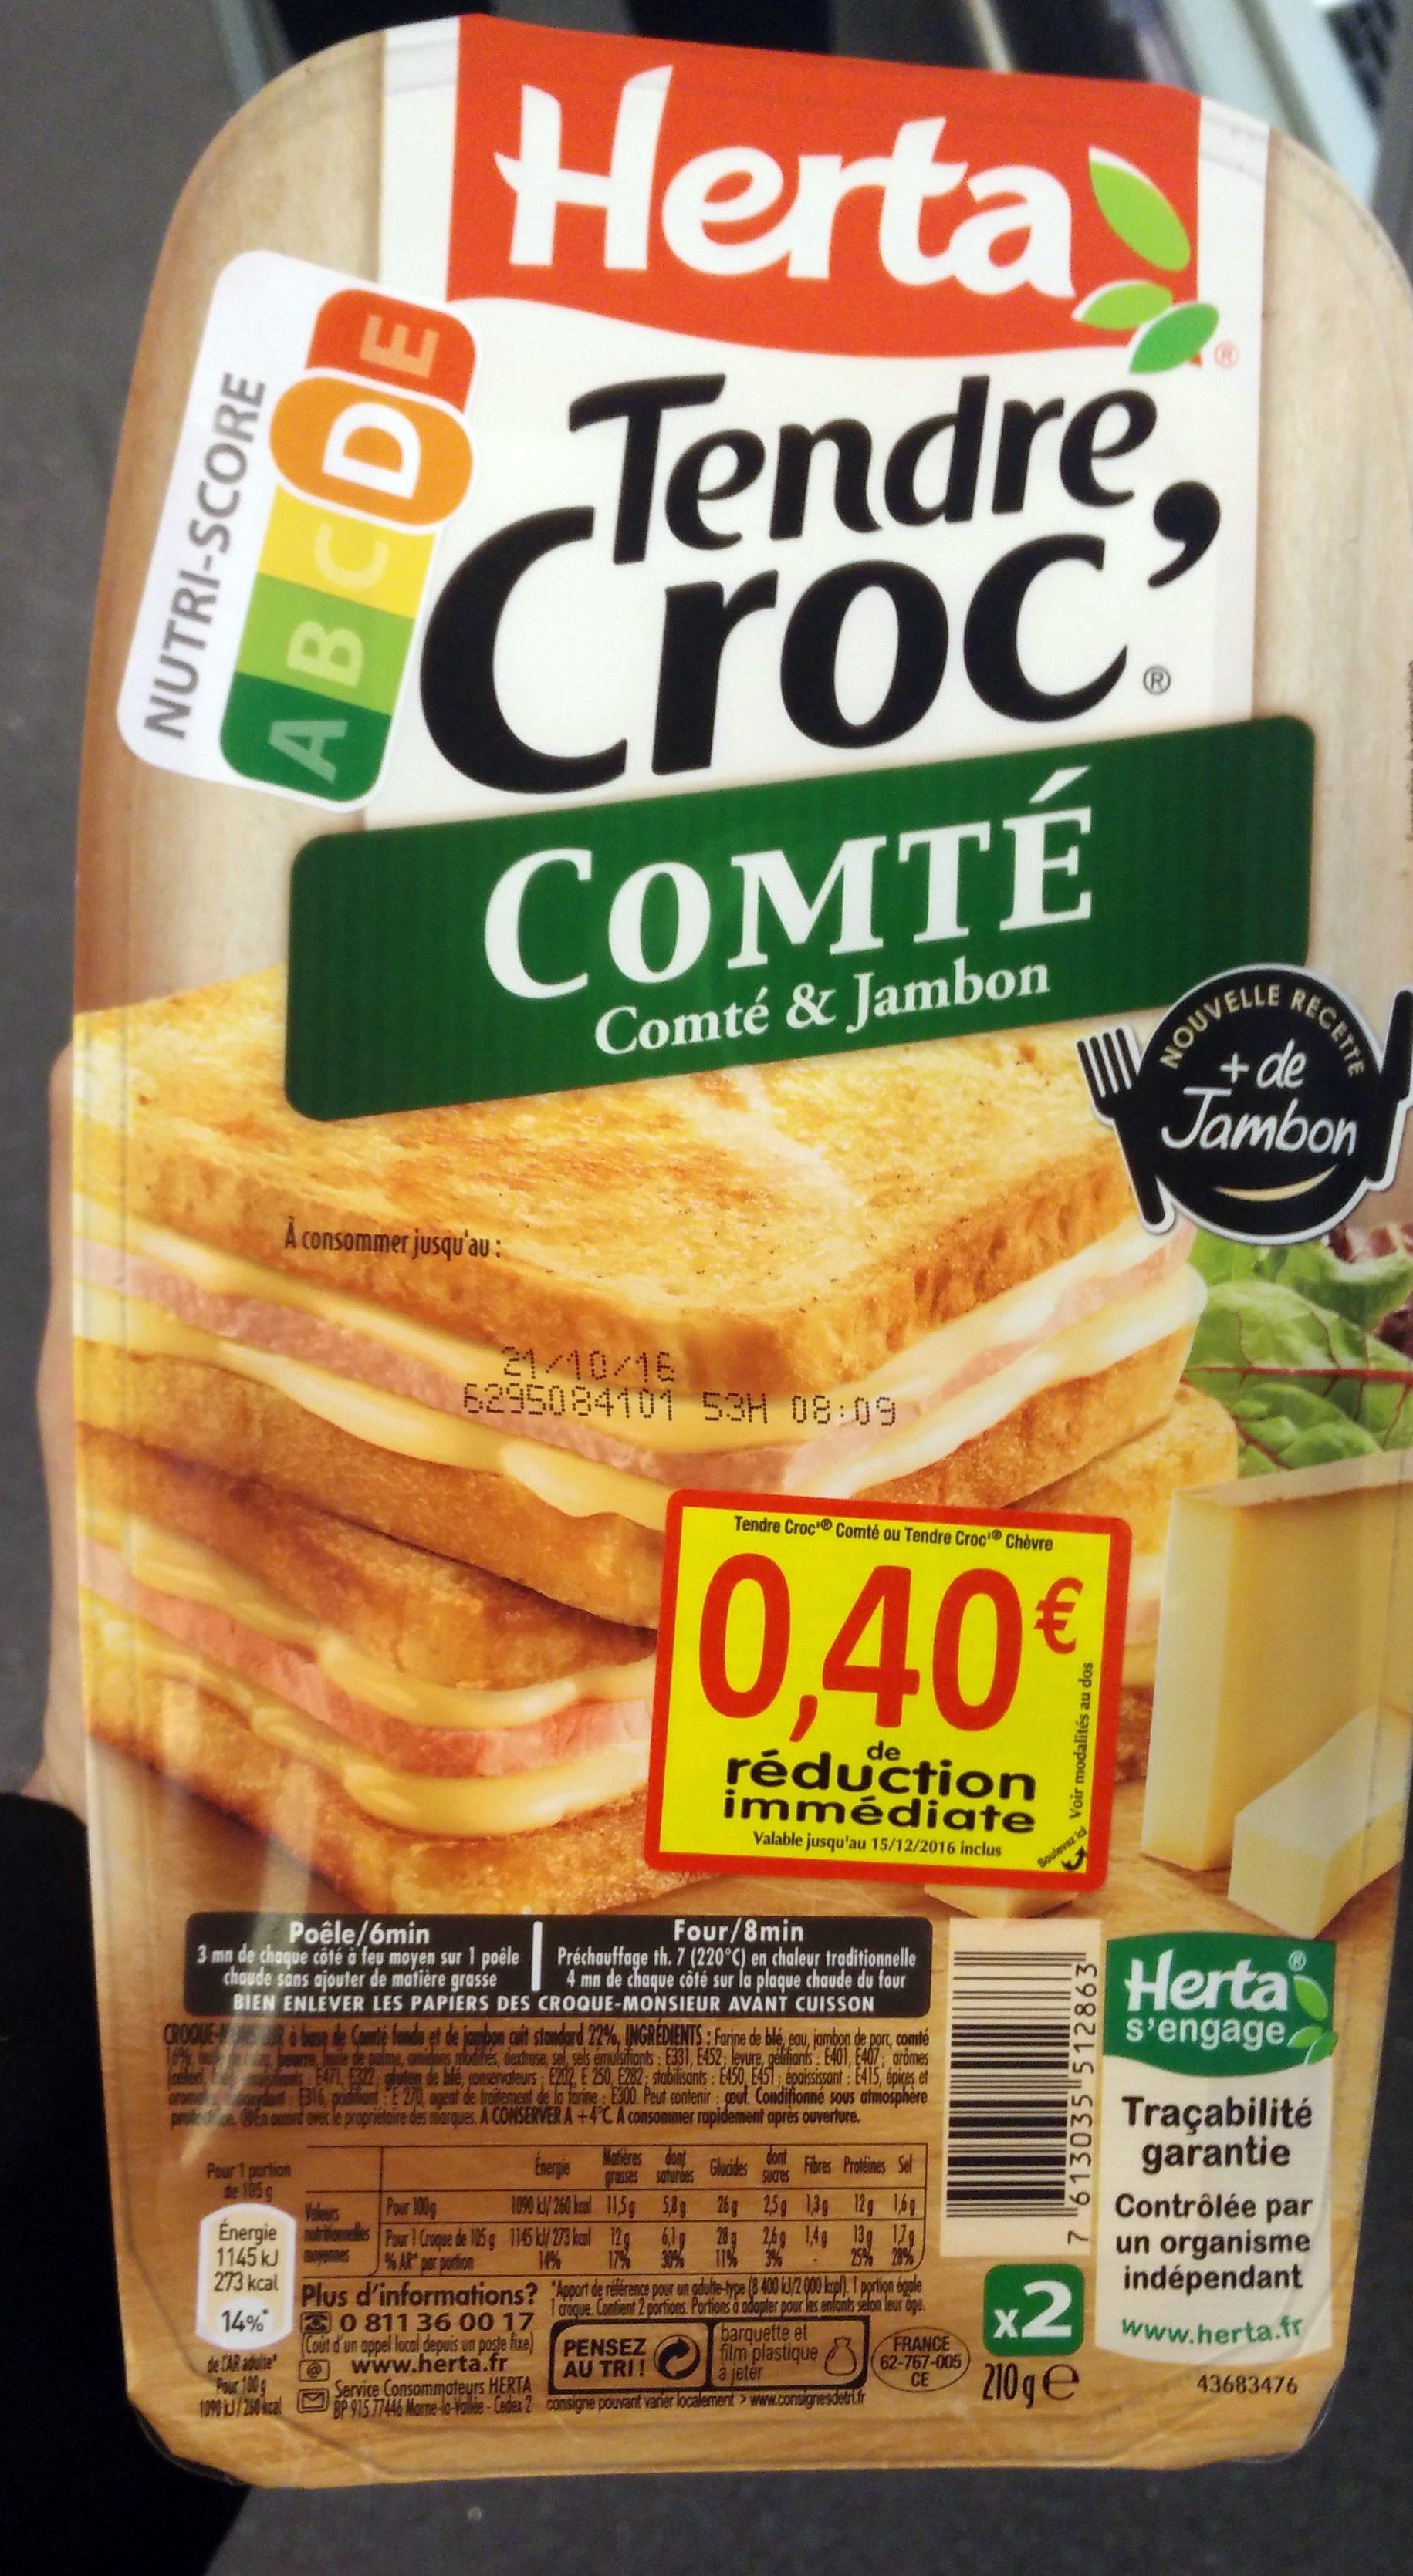 Tendre Croc' Comté - Produit